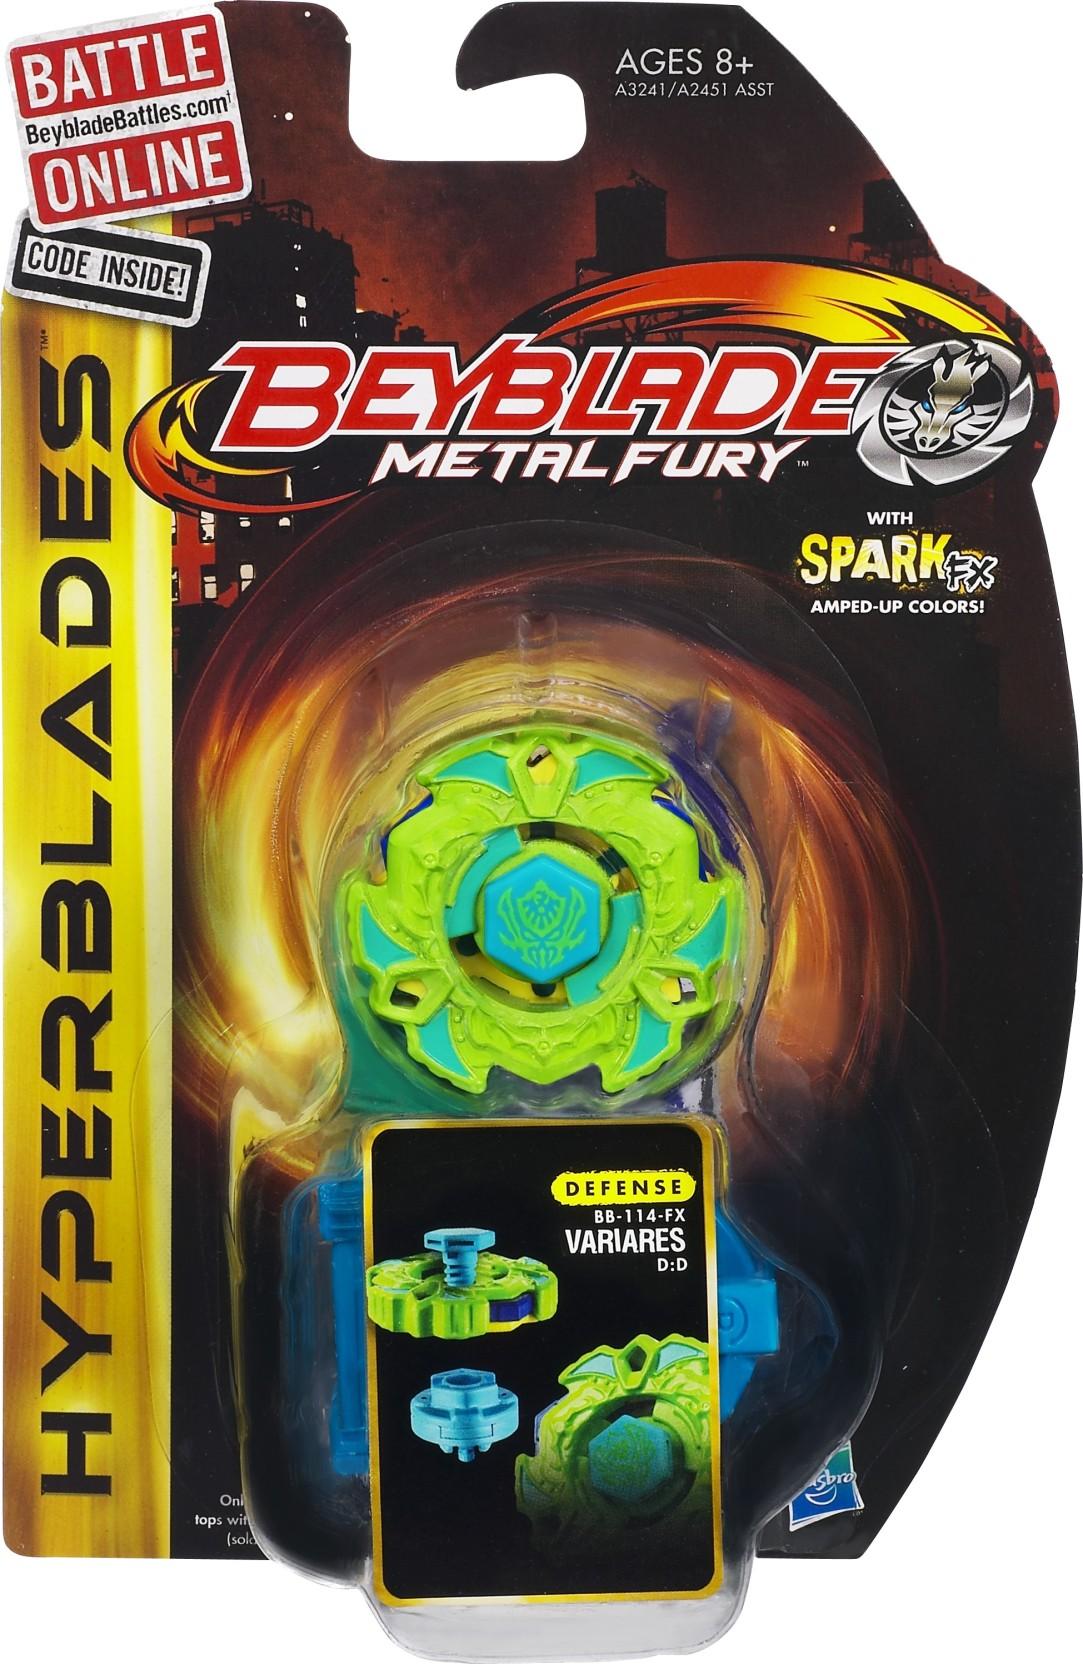 Beyblade metal fury variares d d variares d d shop for - Beyblade metal fury 7 ...